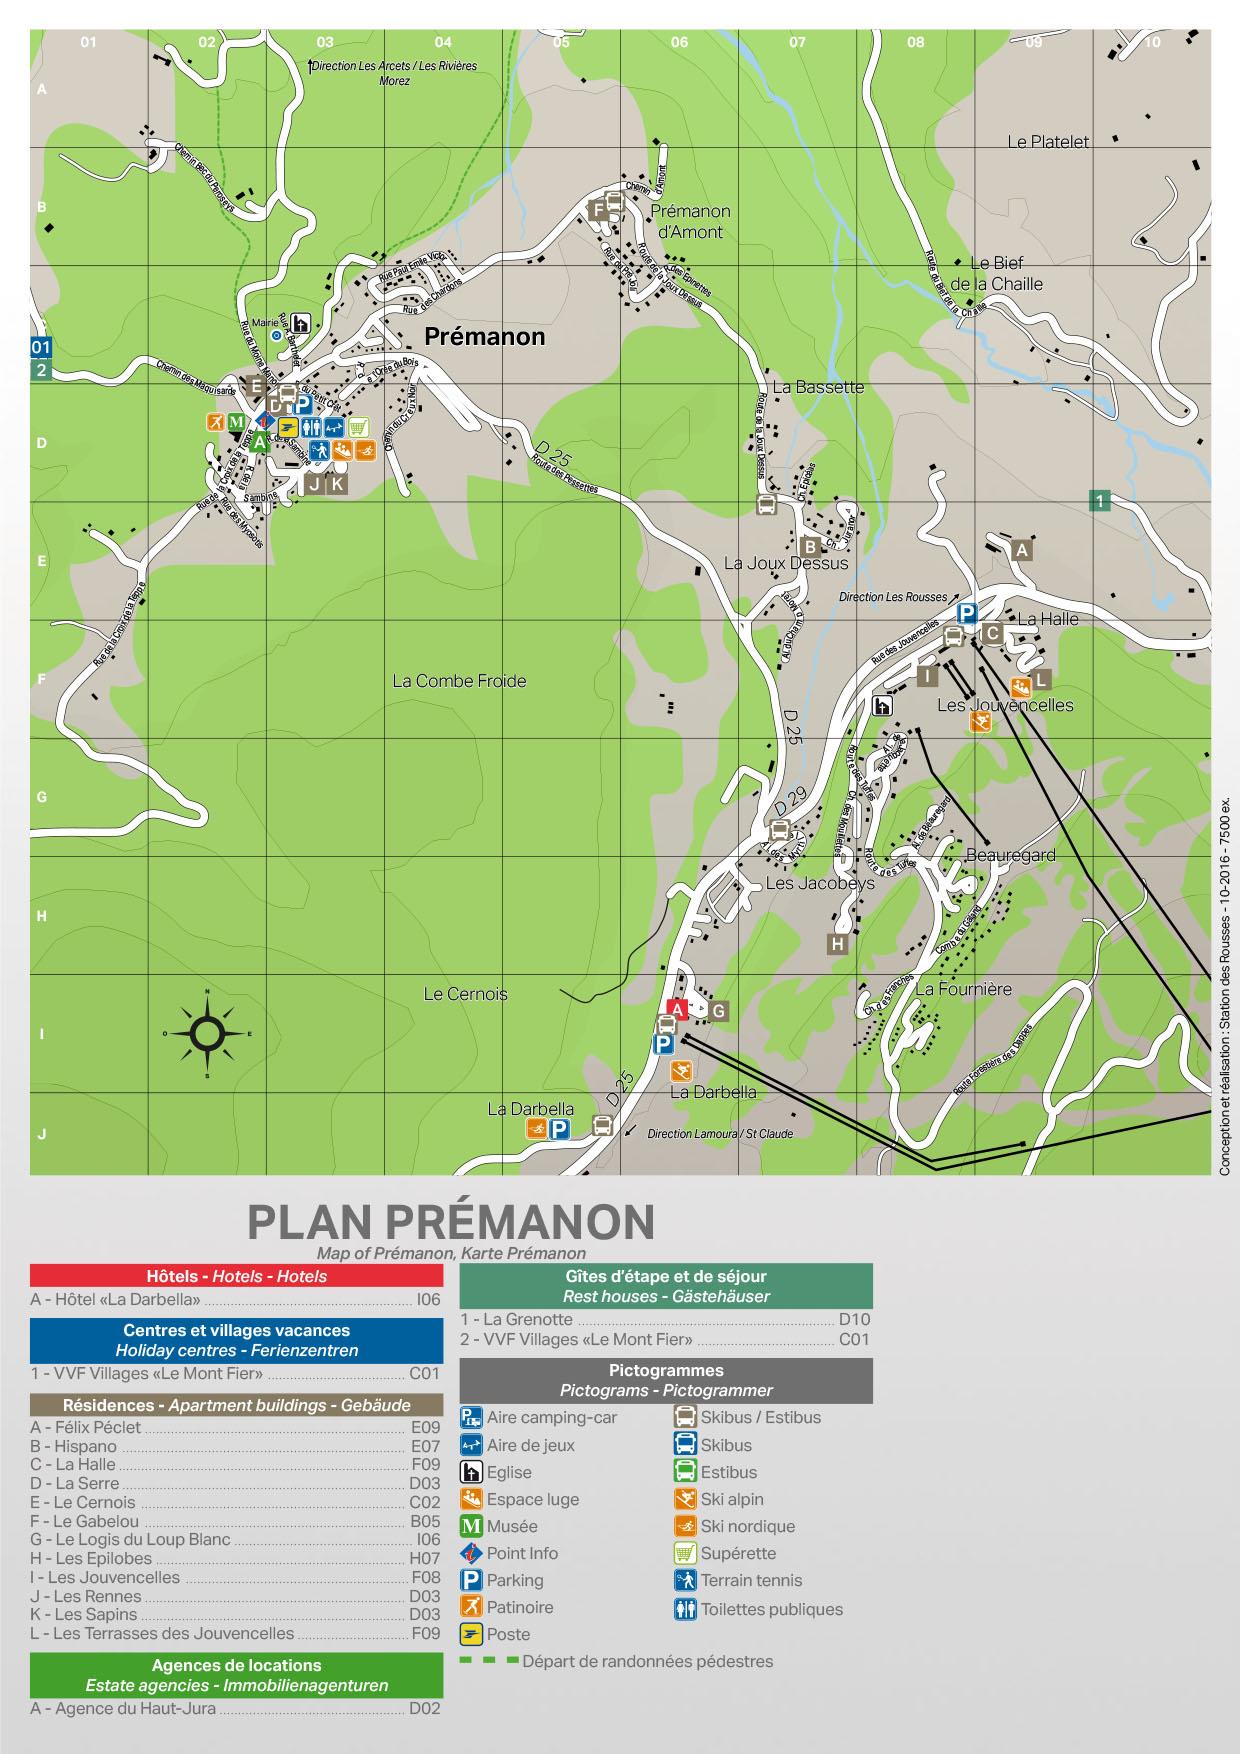 plan-premanon-120